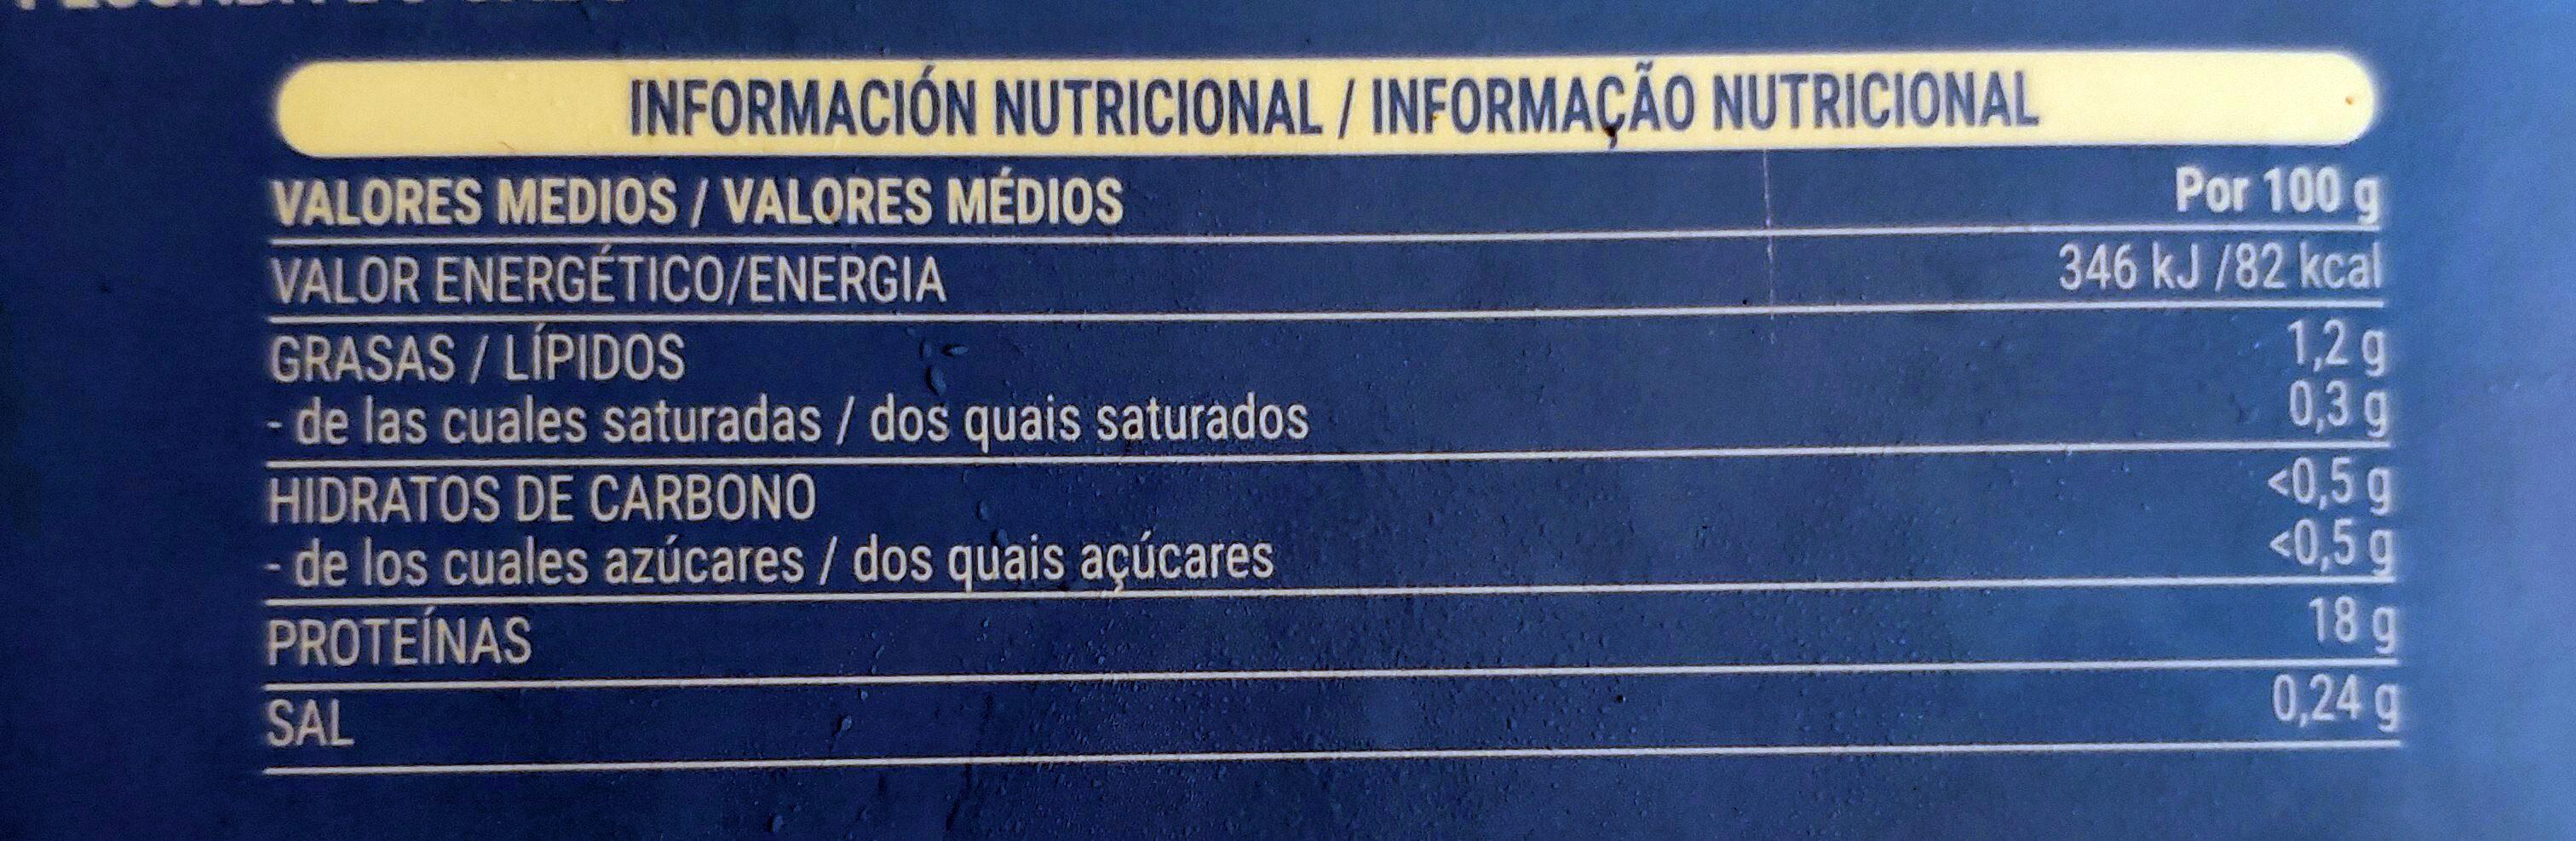 Lomos y centros de merluza del cabo - Voedingswaarden - es